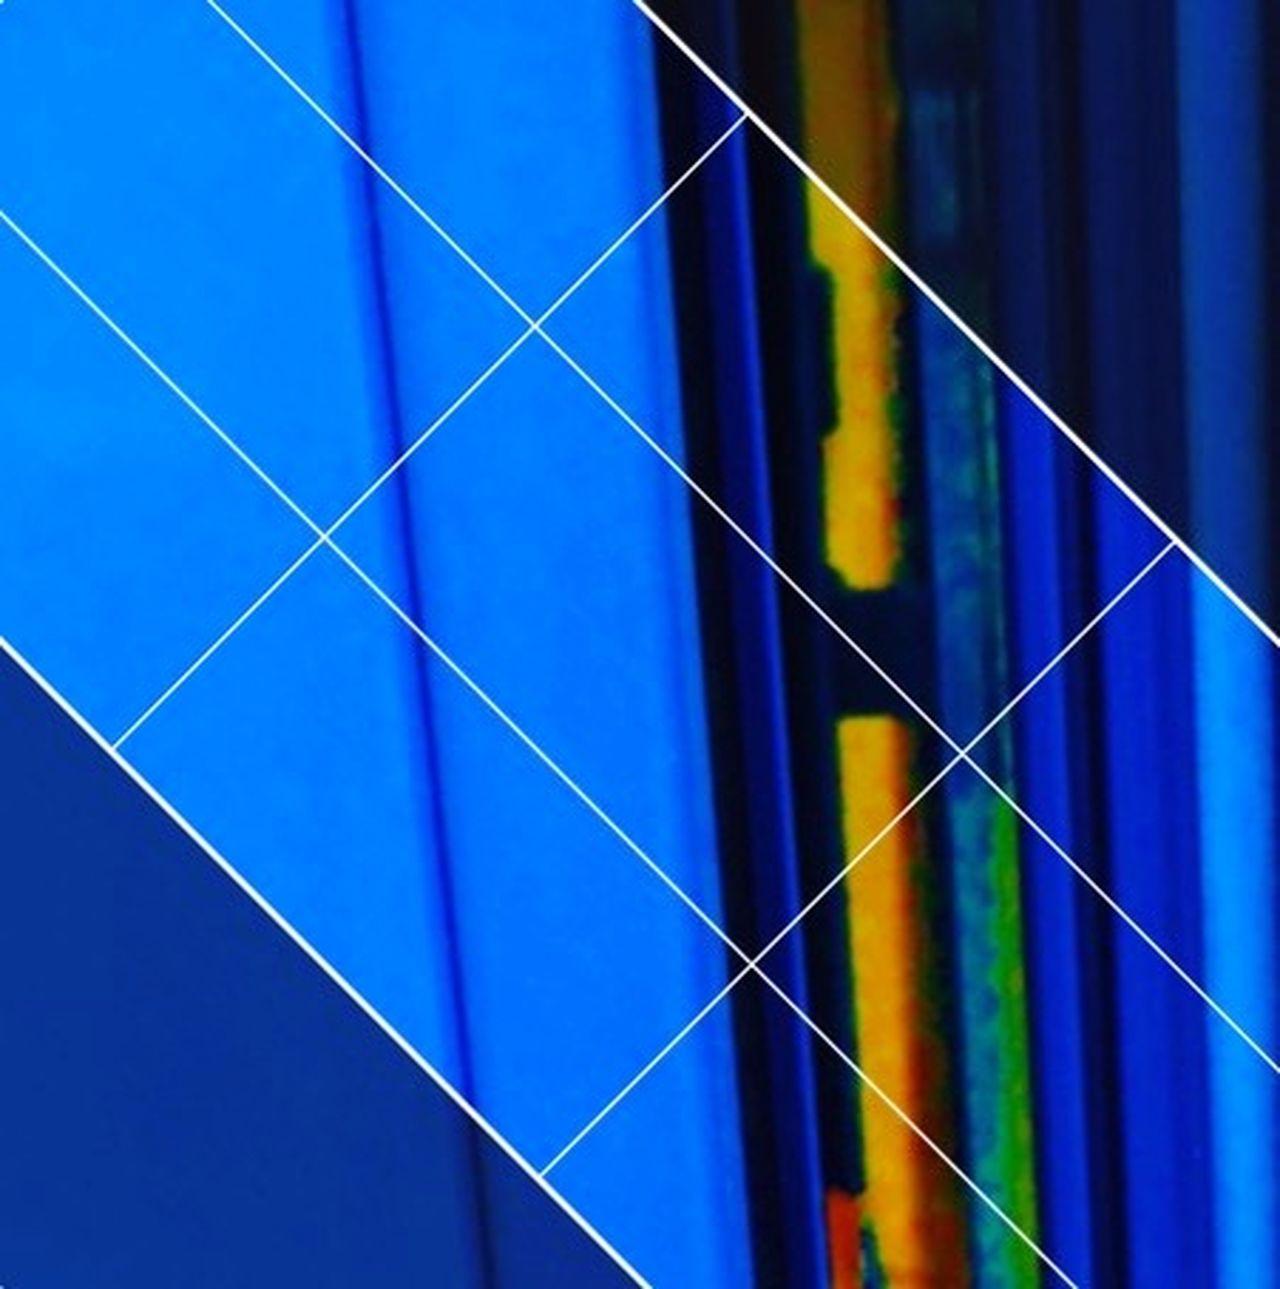 Cobalt Blue By Motorola Voguetalents De Medicis Gallérie Startup Paris ❤ Place De Vosges Vogue Paris Place Des Vosges Demedicisgallery STAN